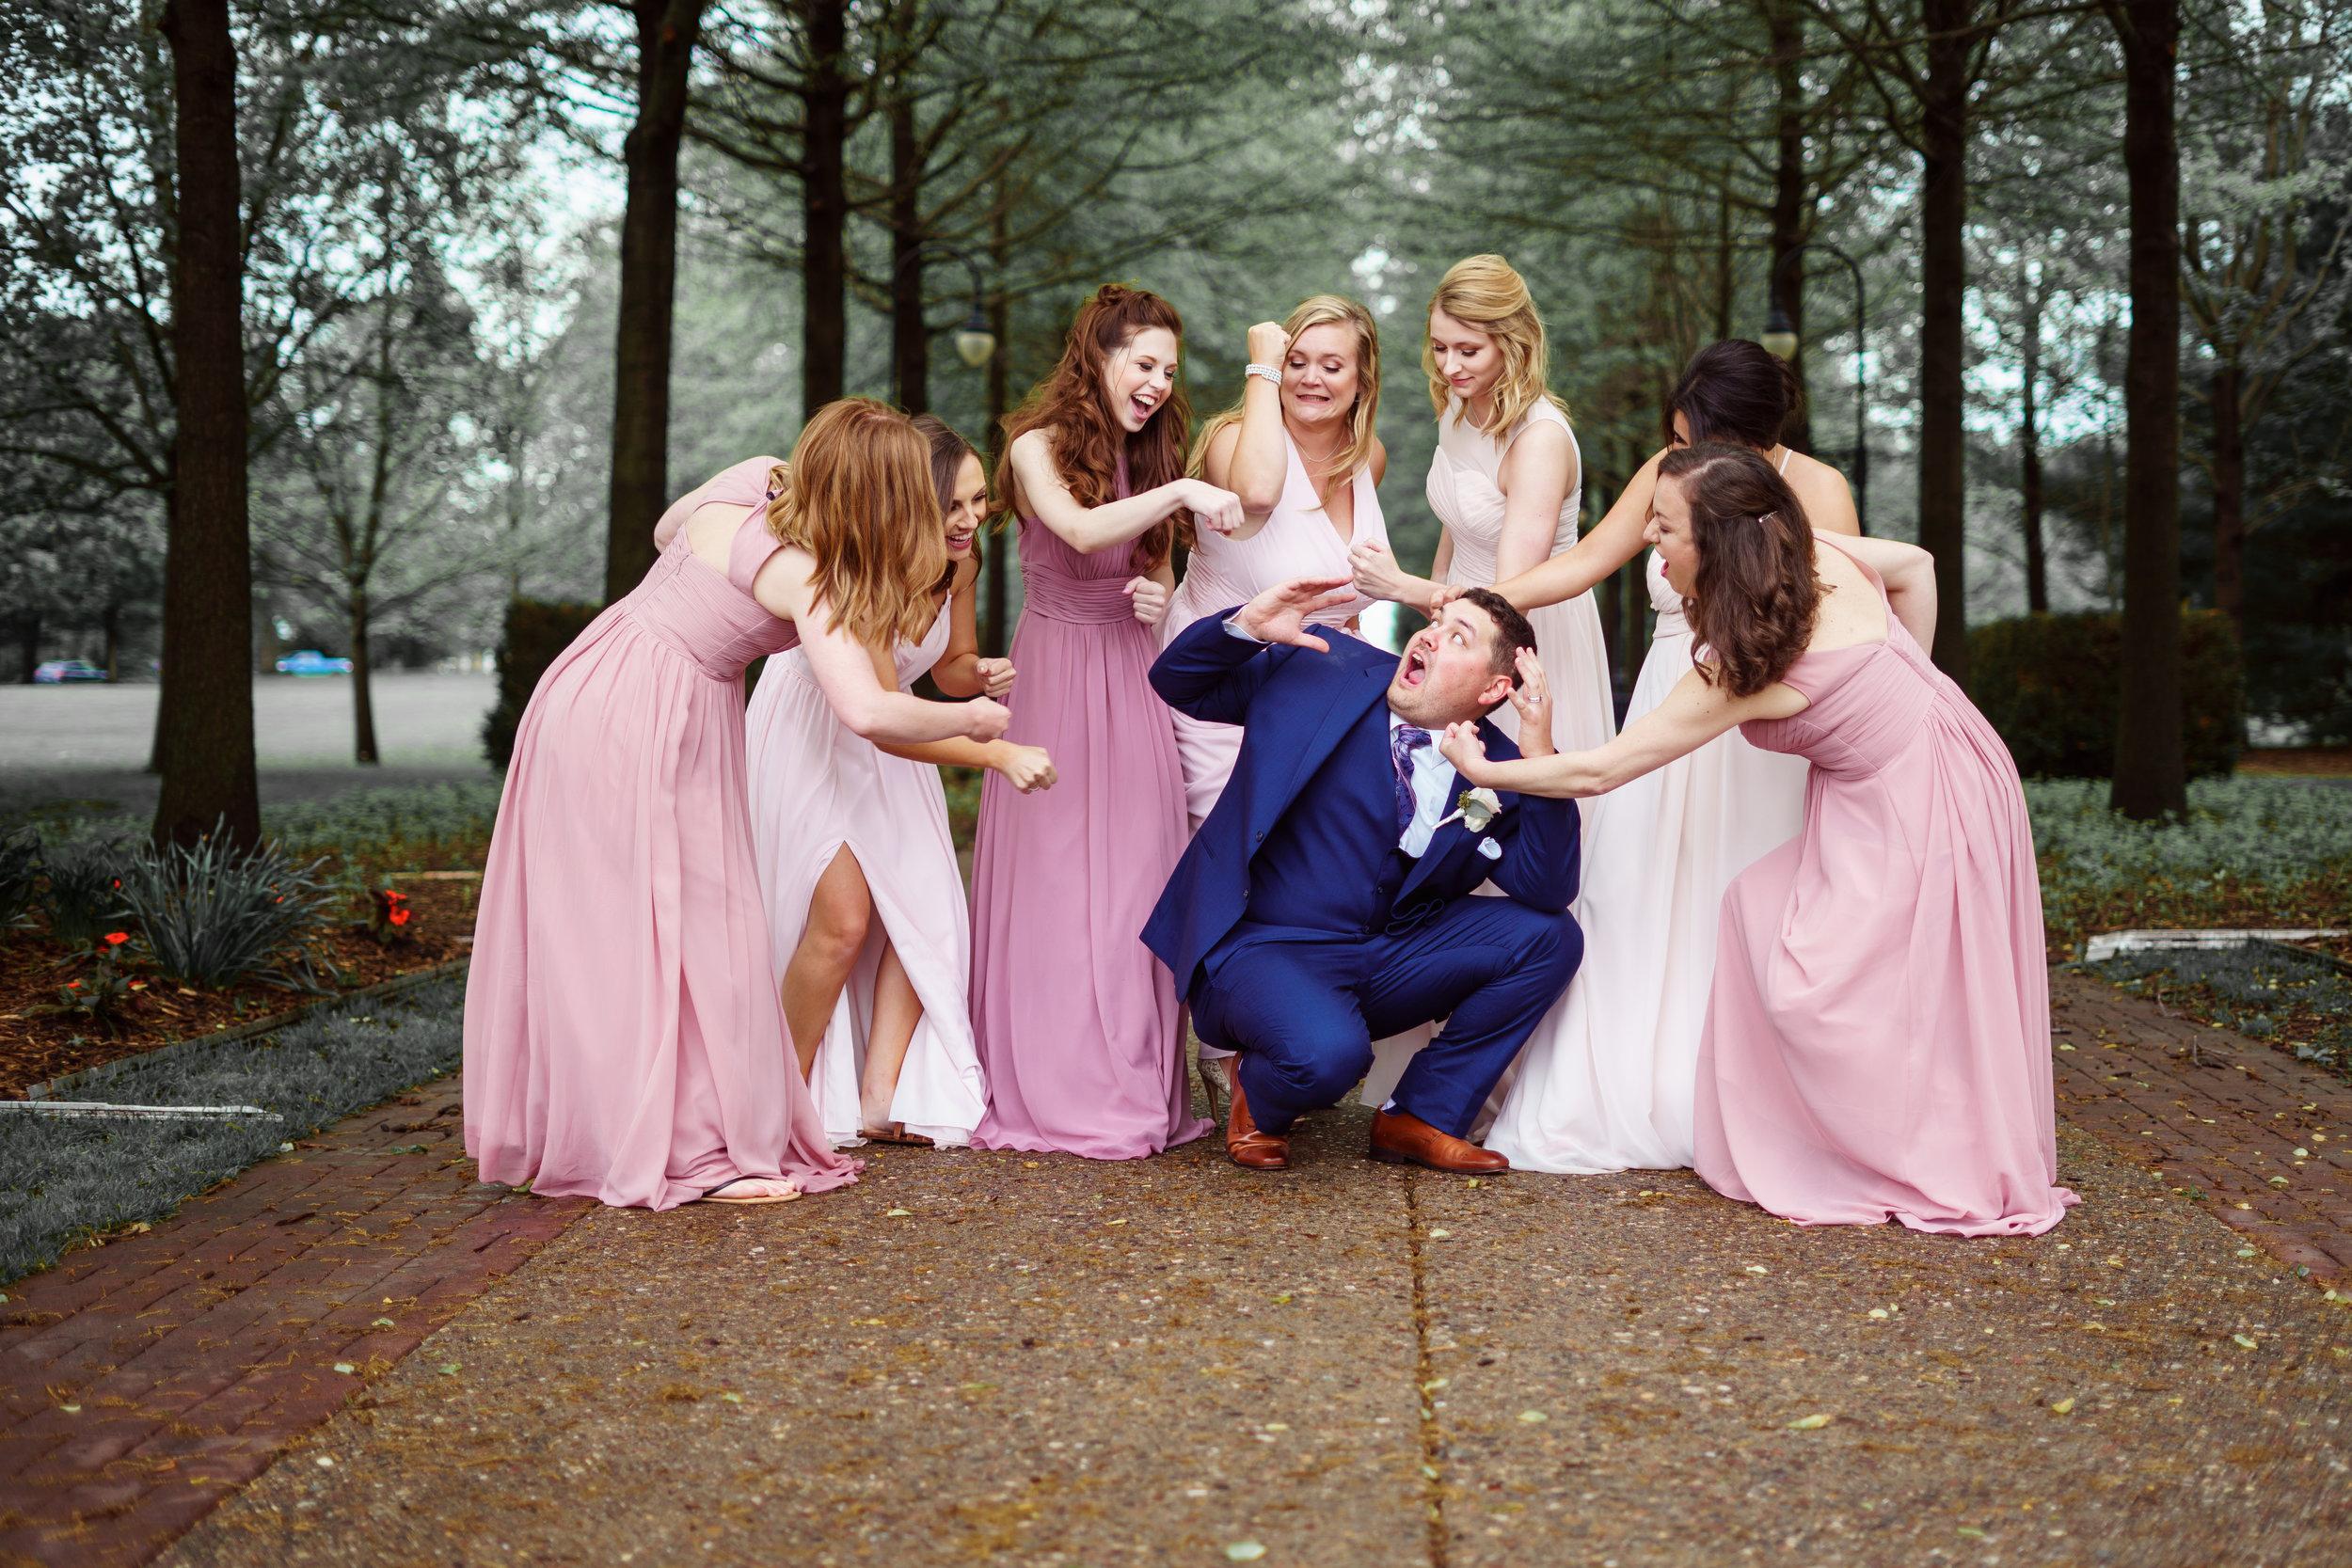 Groom-getting-beat-up-by-bridesmaids.jpg